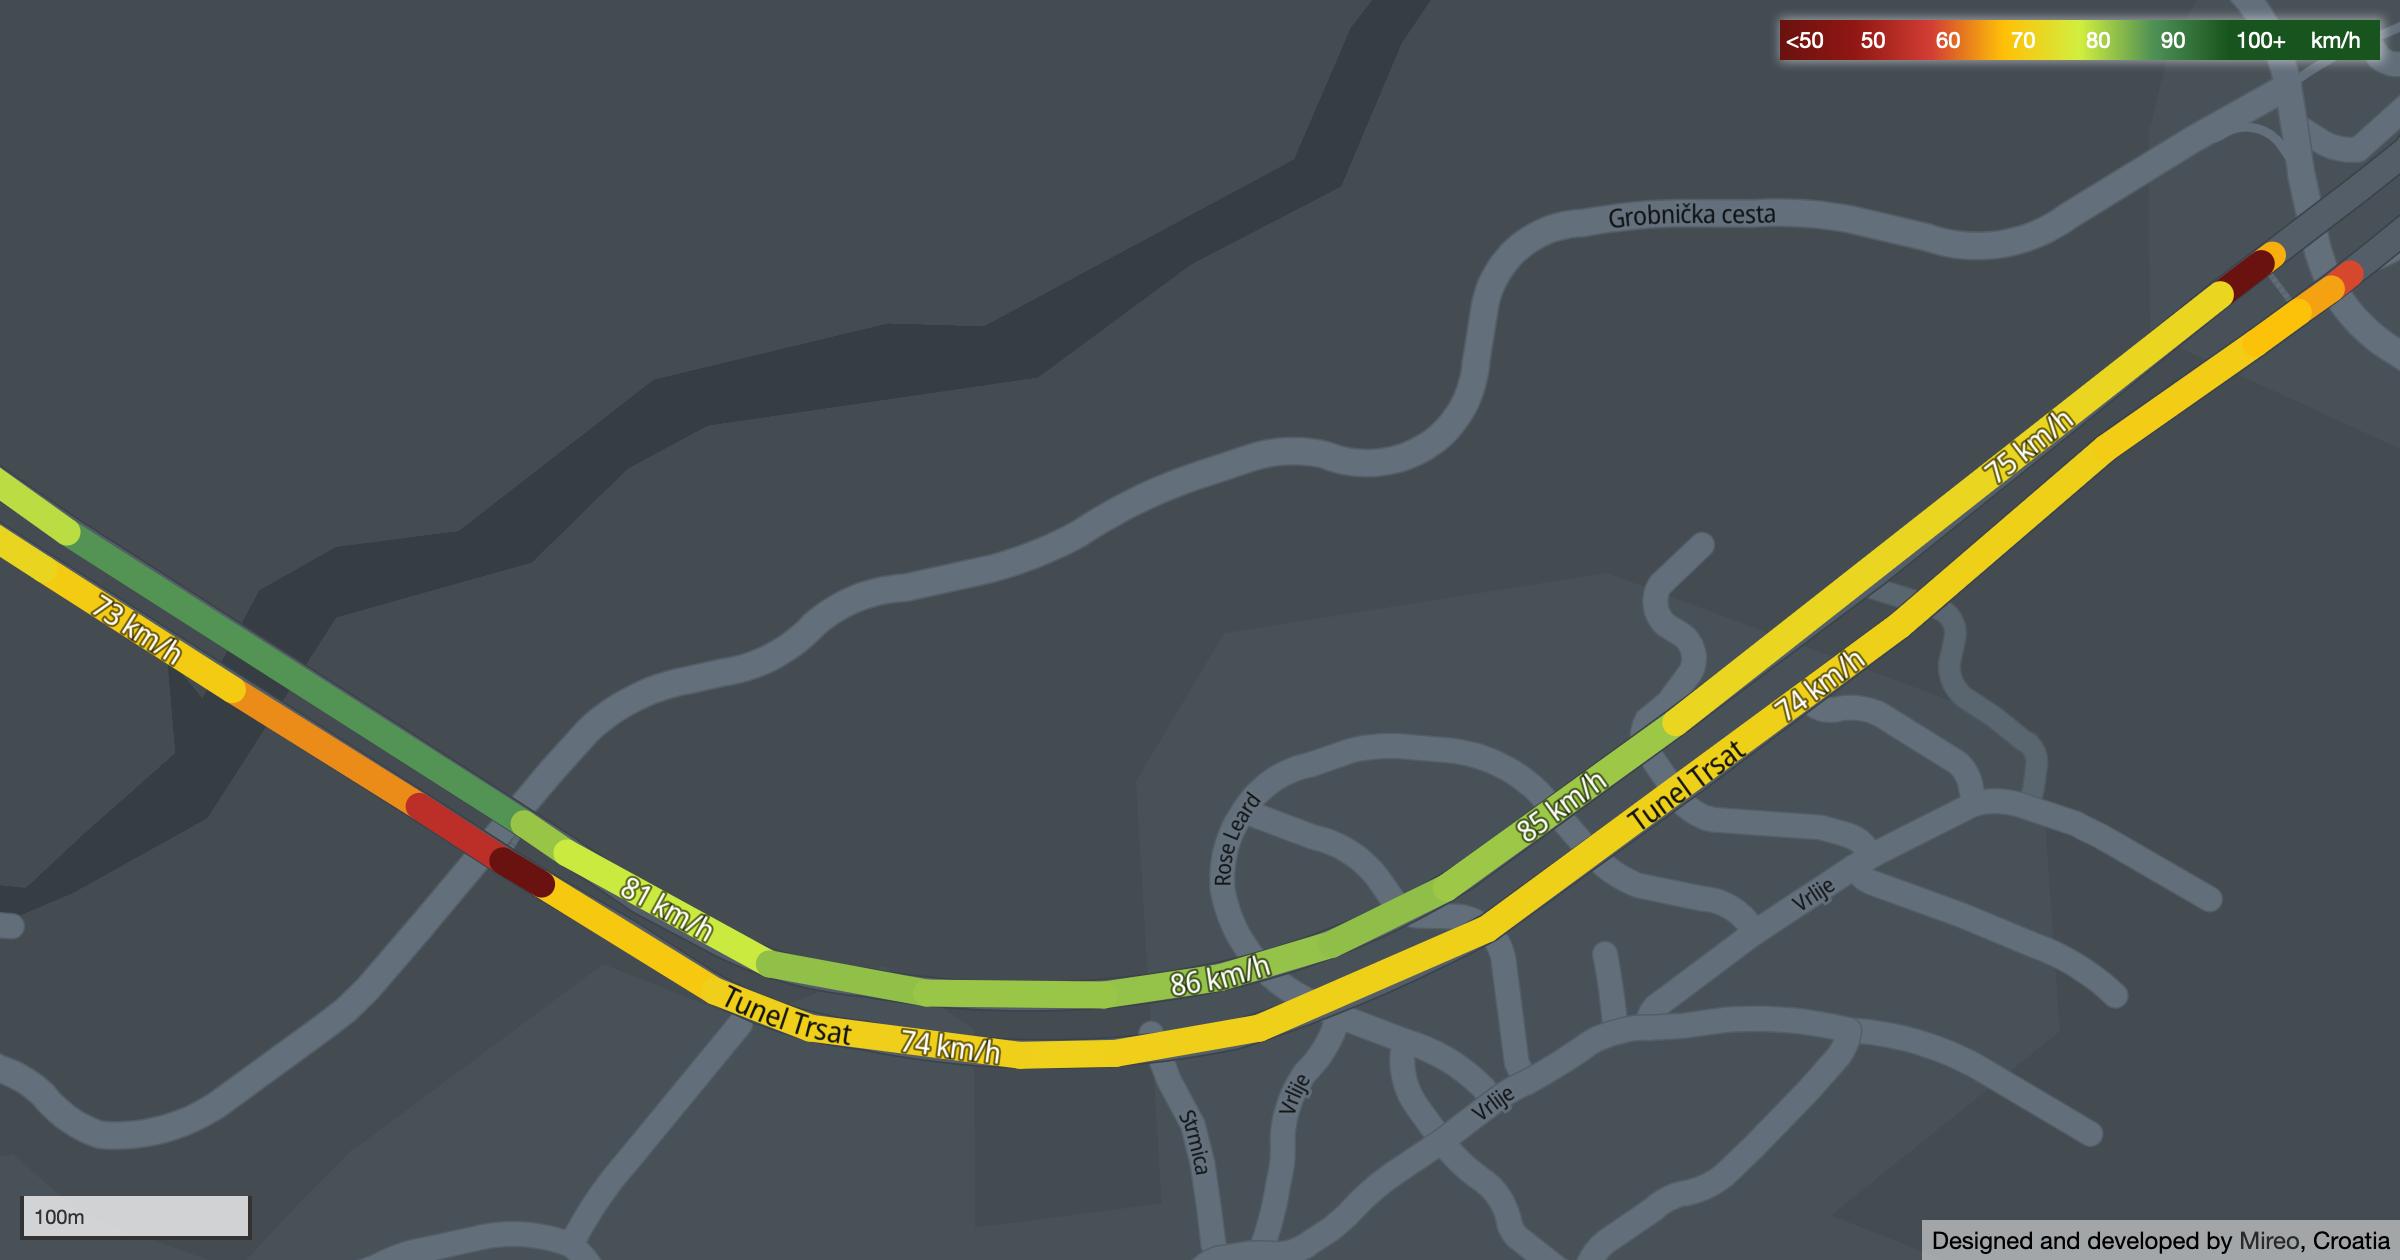 Average travel speed in Trsat tunnel | Brzine u Tunelu Trsat